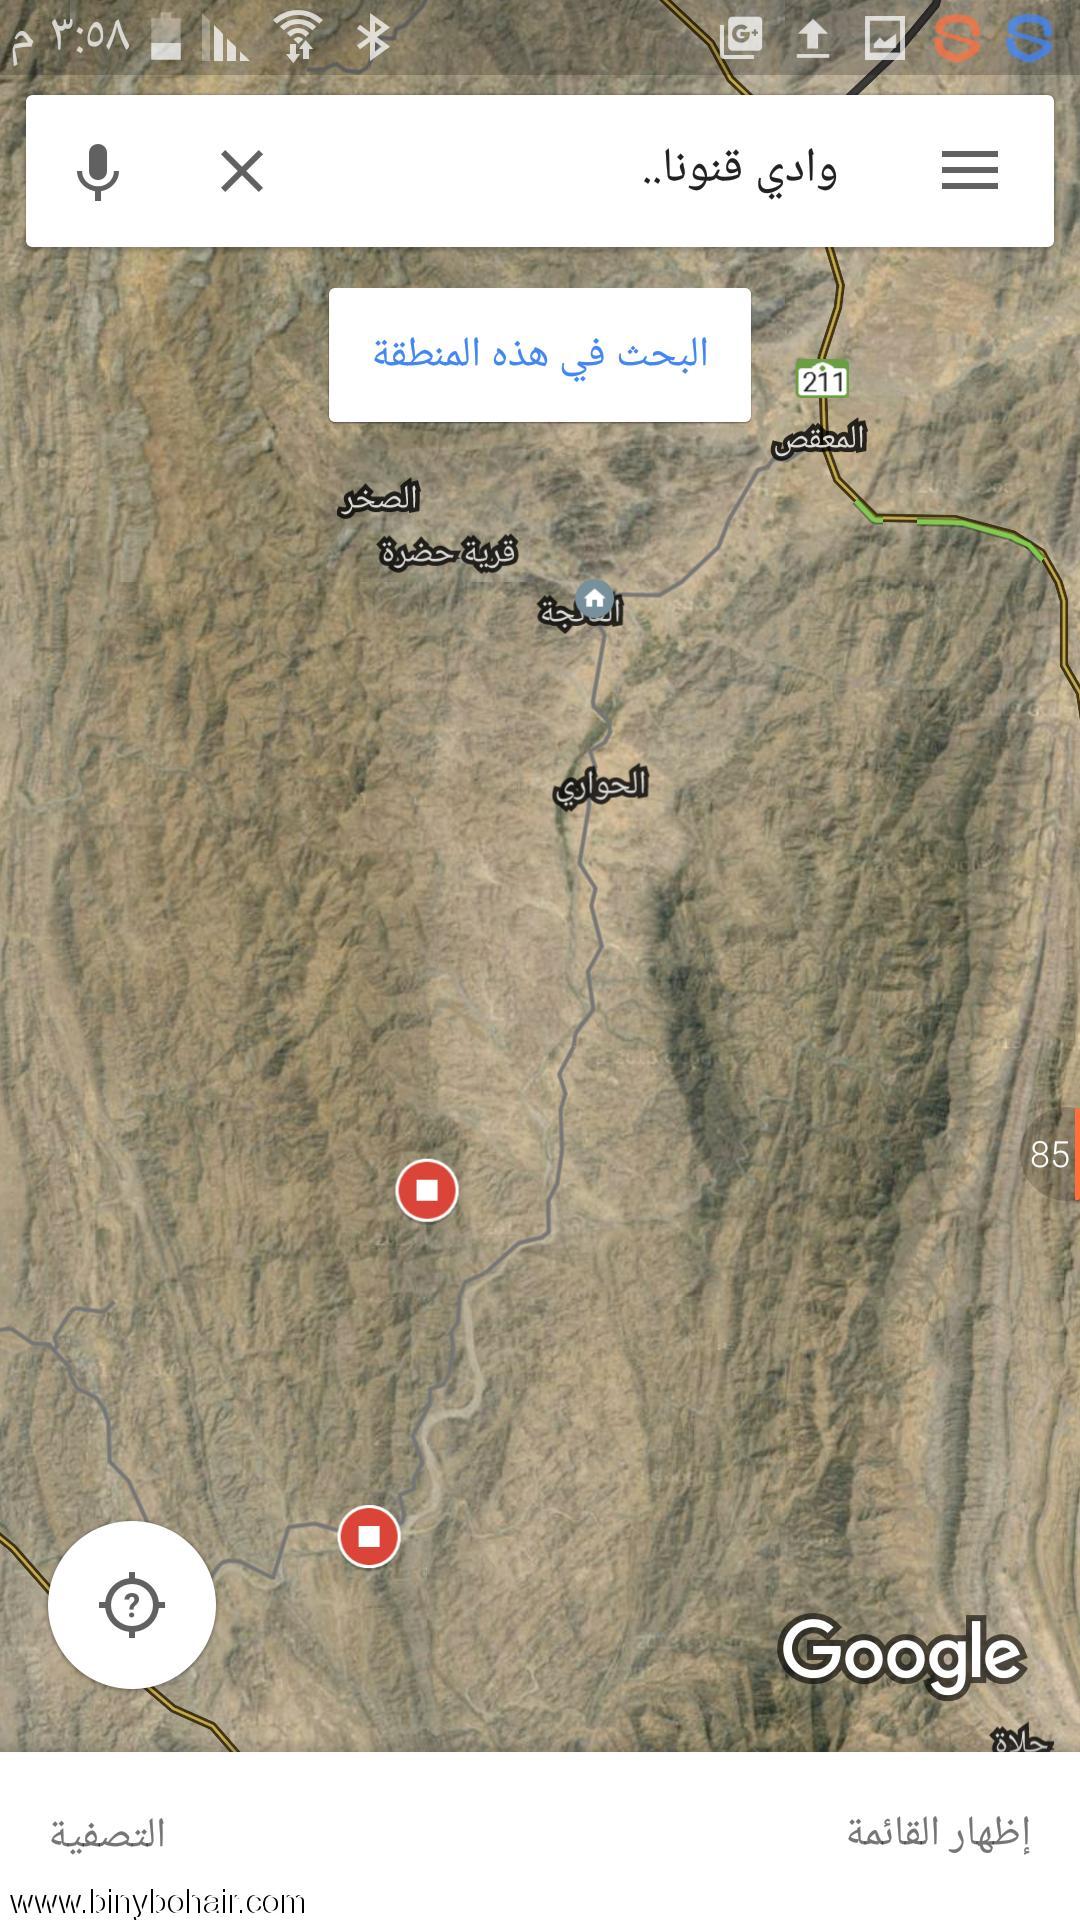 خريطة وادي قنونى ..قوقل ru399561.png